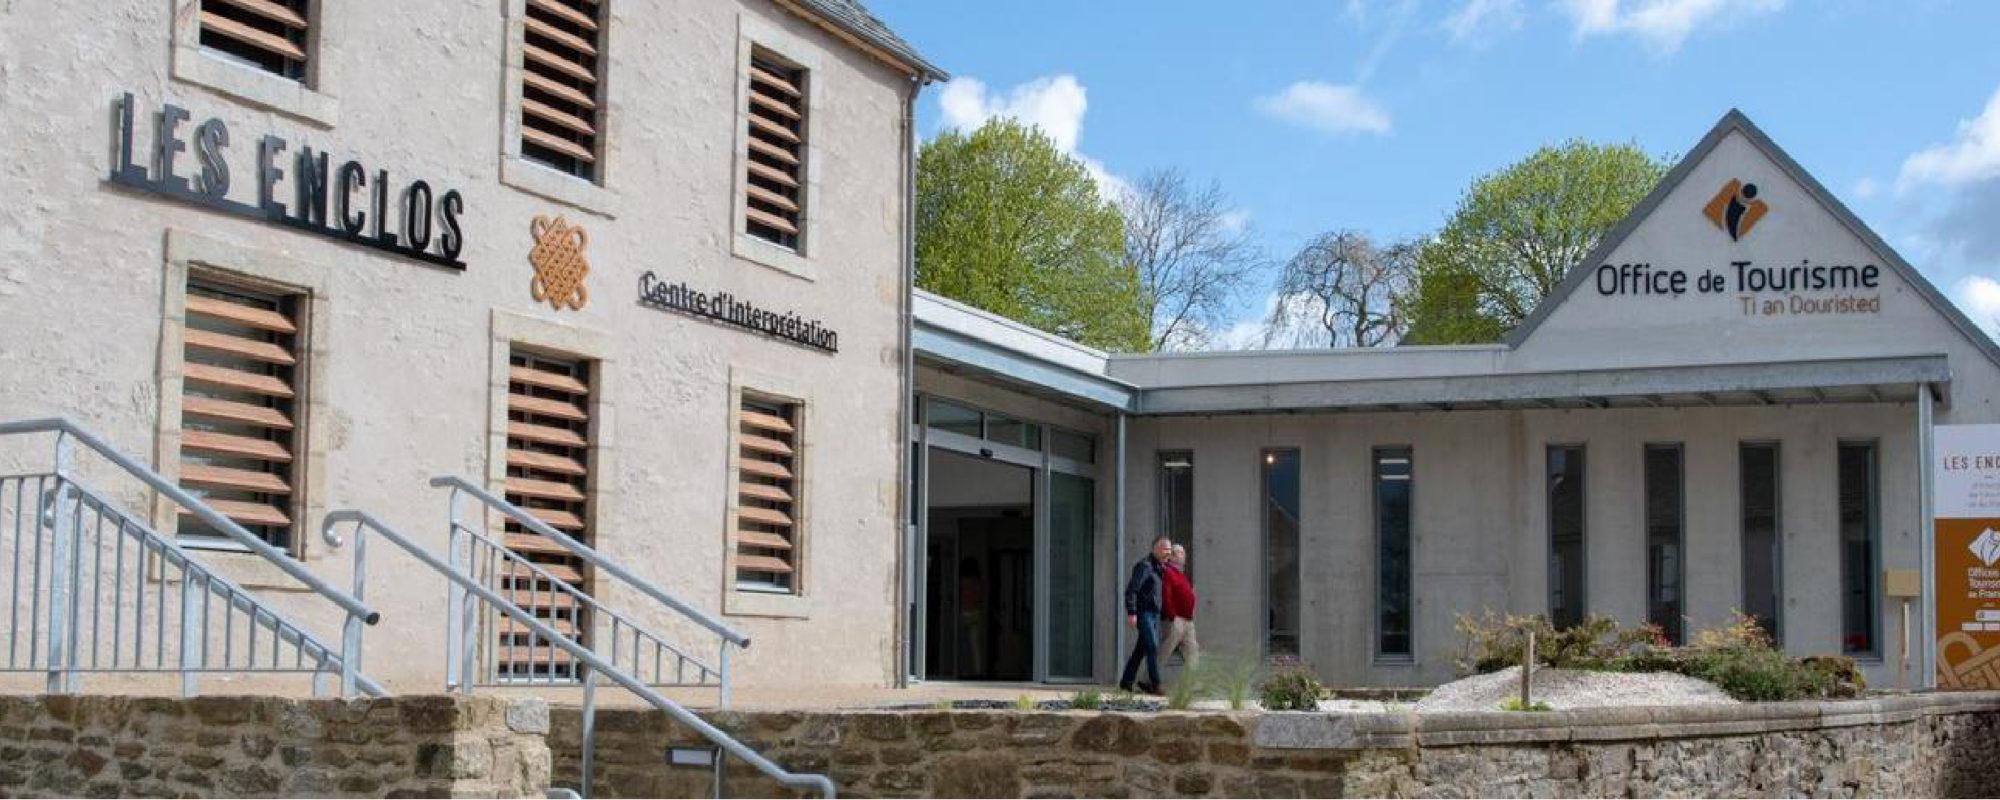 Le Centre d'interprétation des enclos